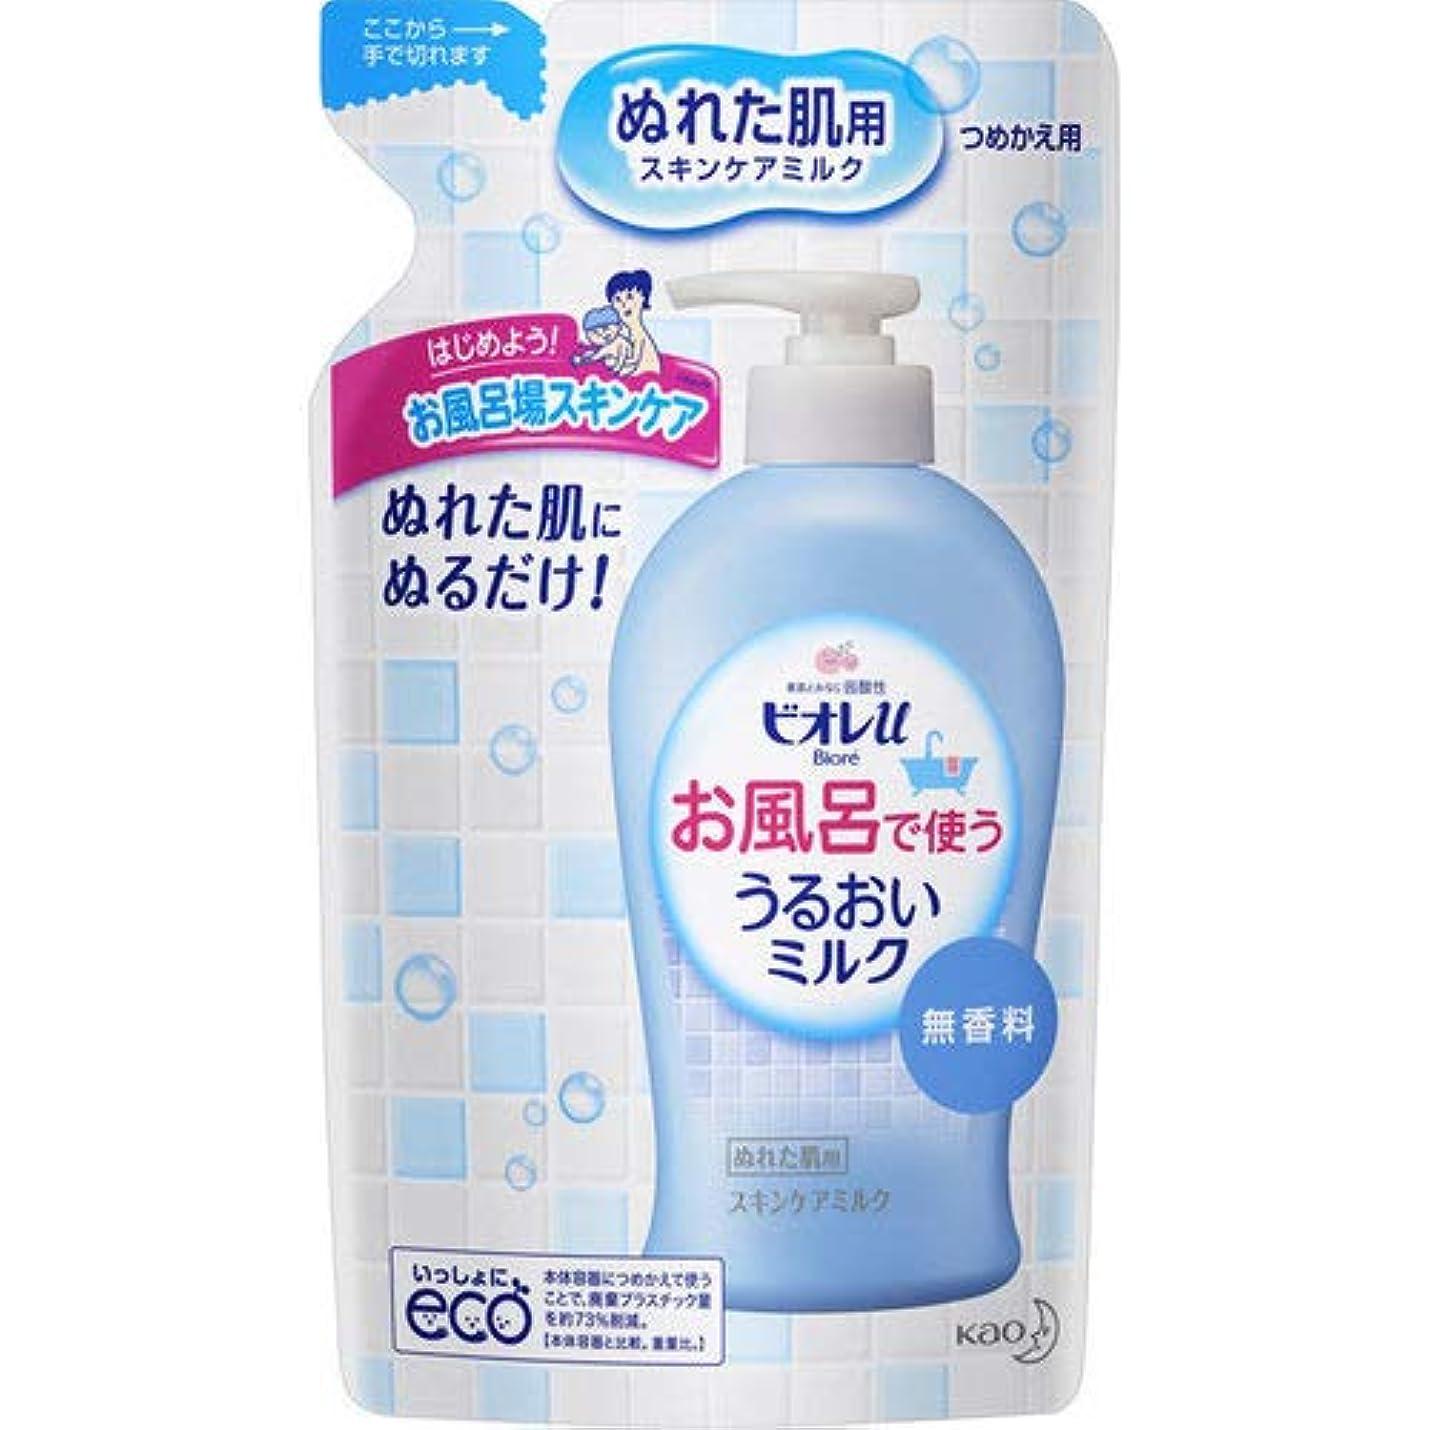 ペニー翻訳する操るビオレu お風呂で使ううるおいミルク 無香料 つめかえ用 250mL